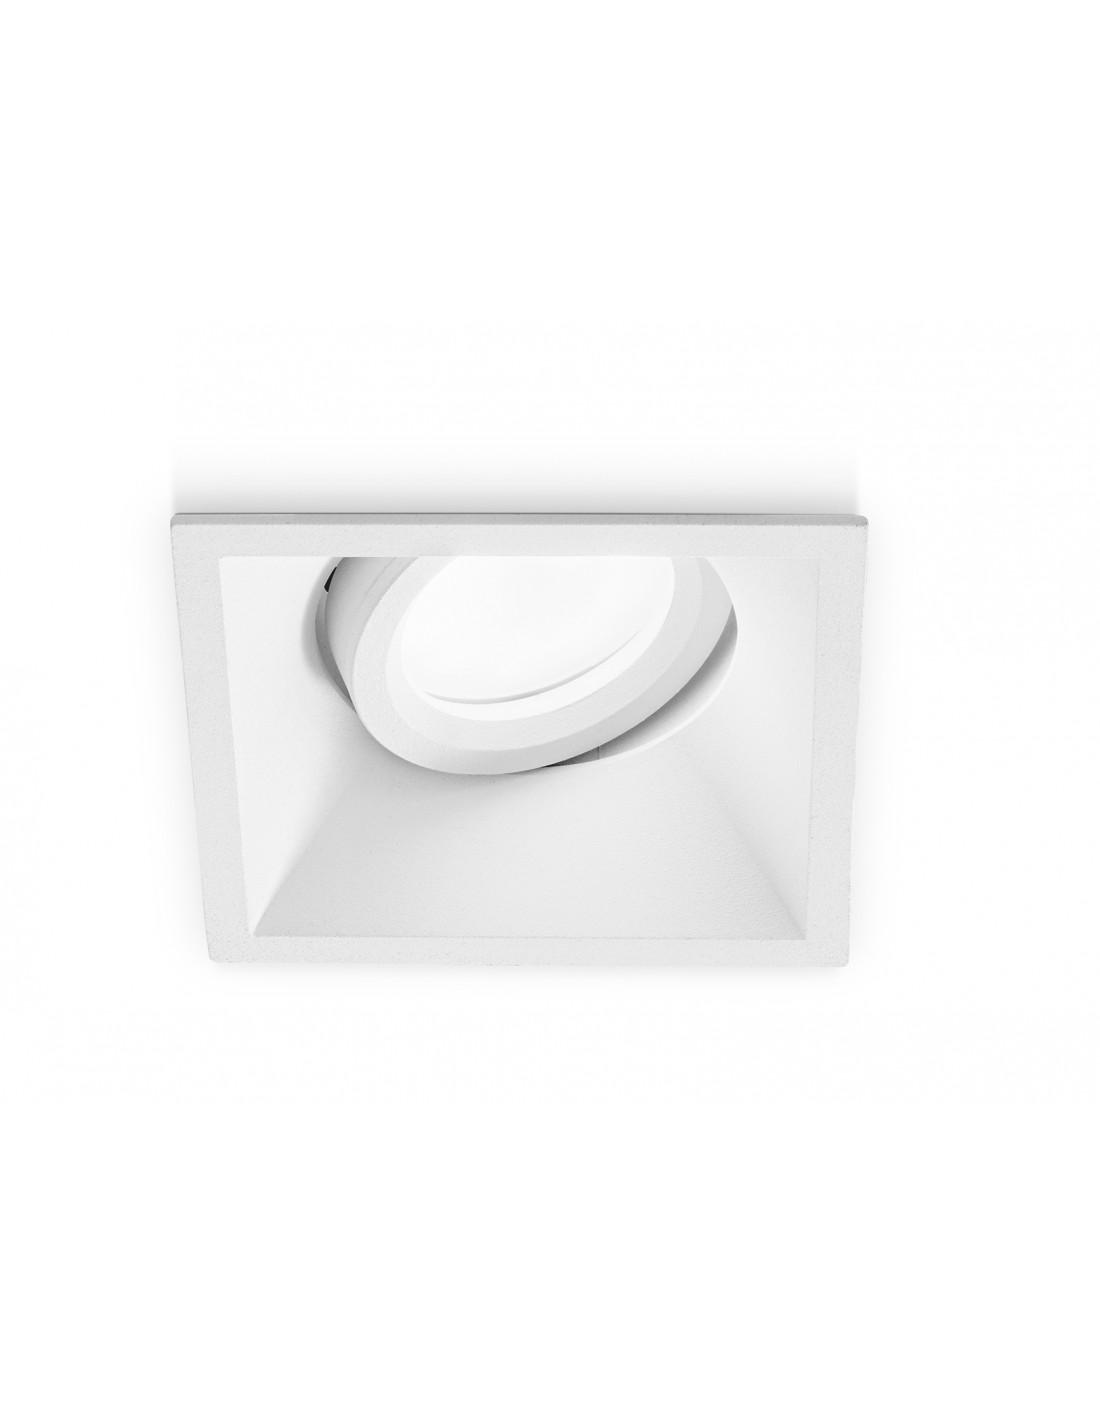 Faretti Da Incasso Legno faretto da incasso quadrato orientabile bianco gfa240 gea led